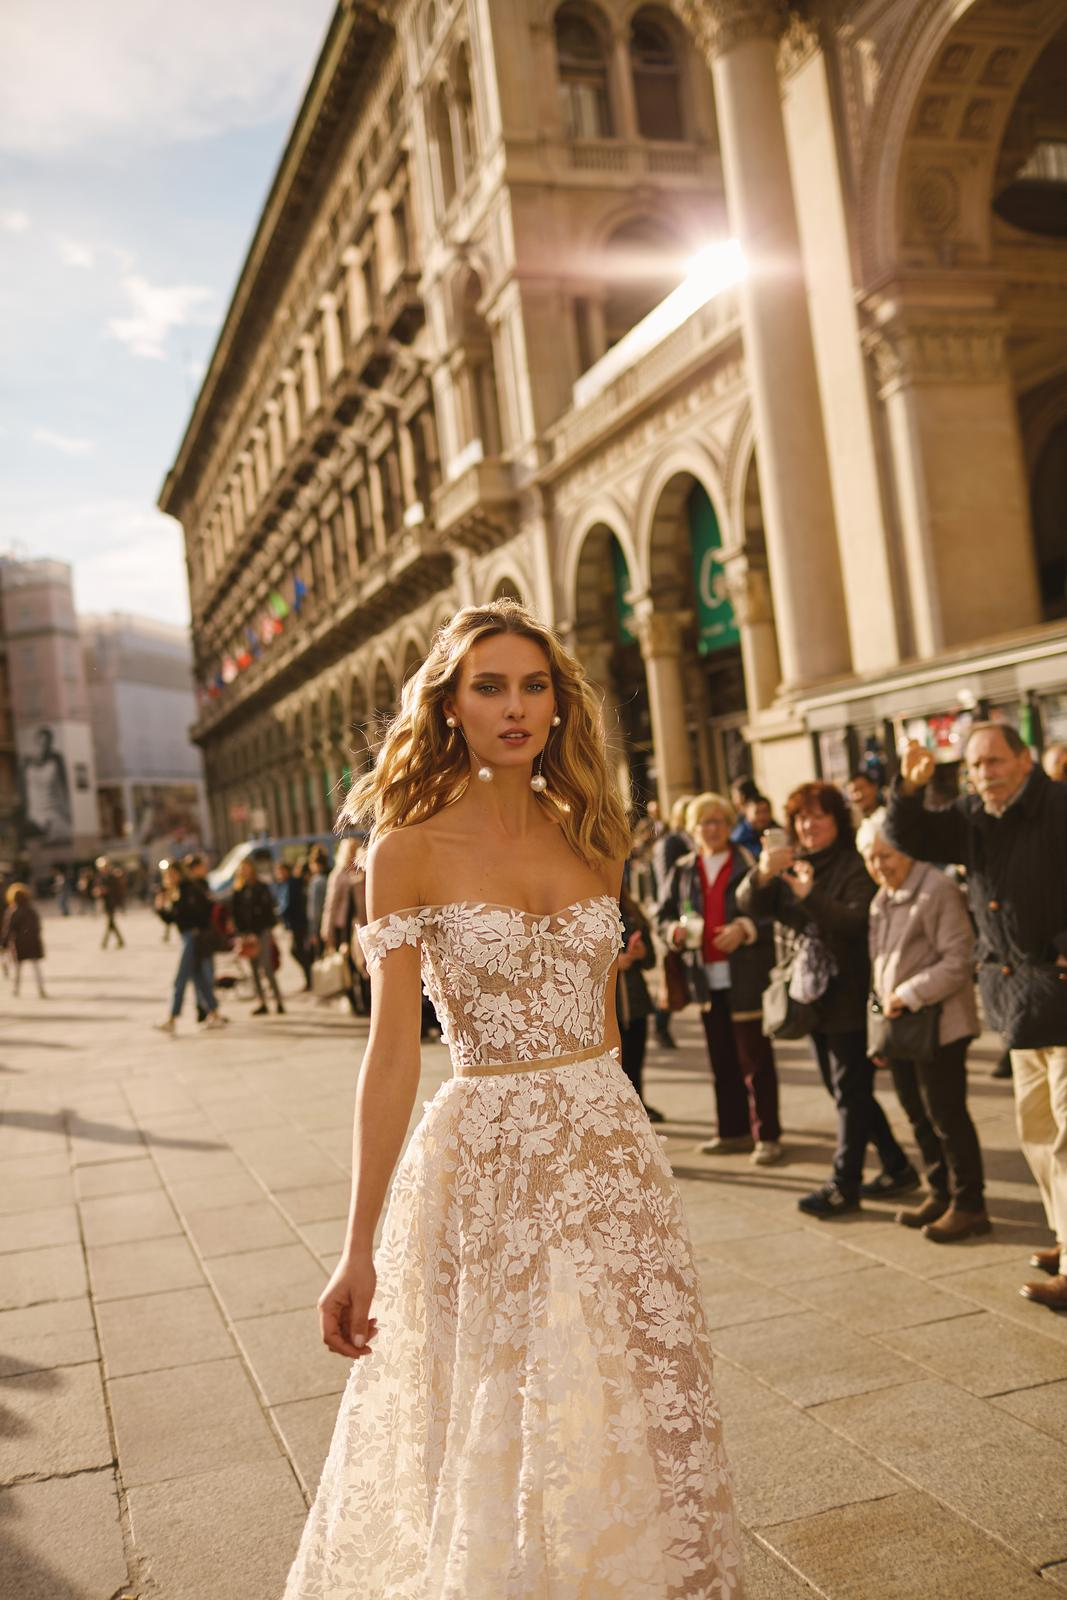 Svadobné šaty jar/leto 2020 BERTA Miláno - Obrázok č. 33